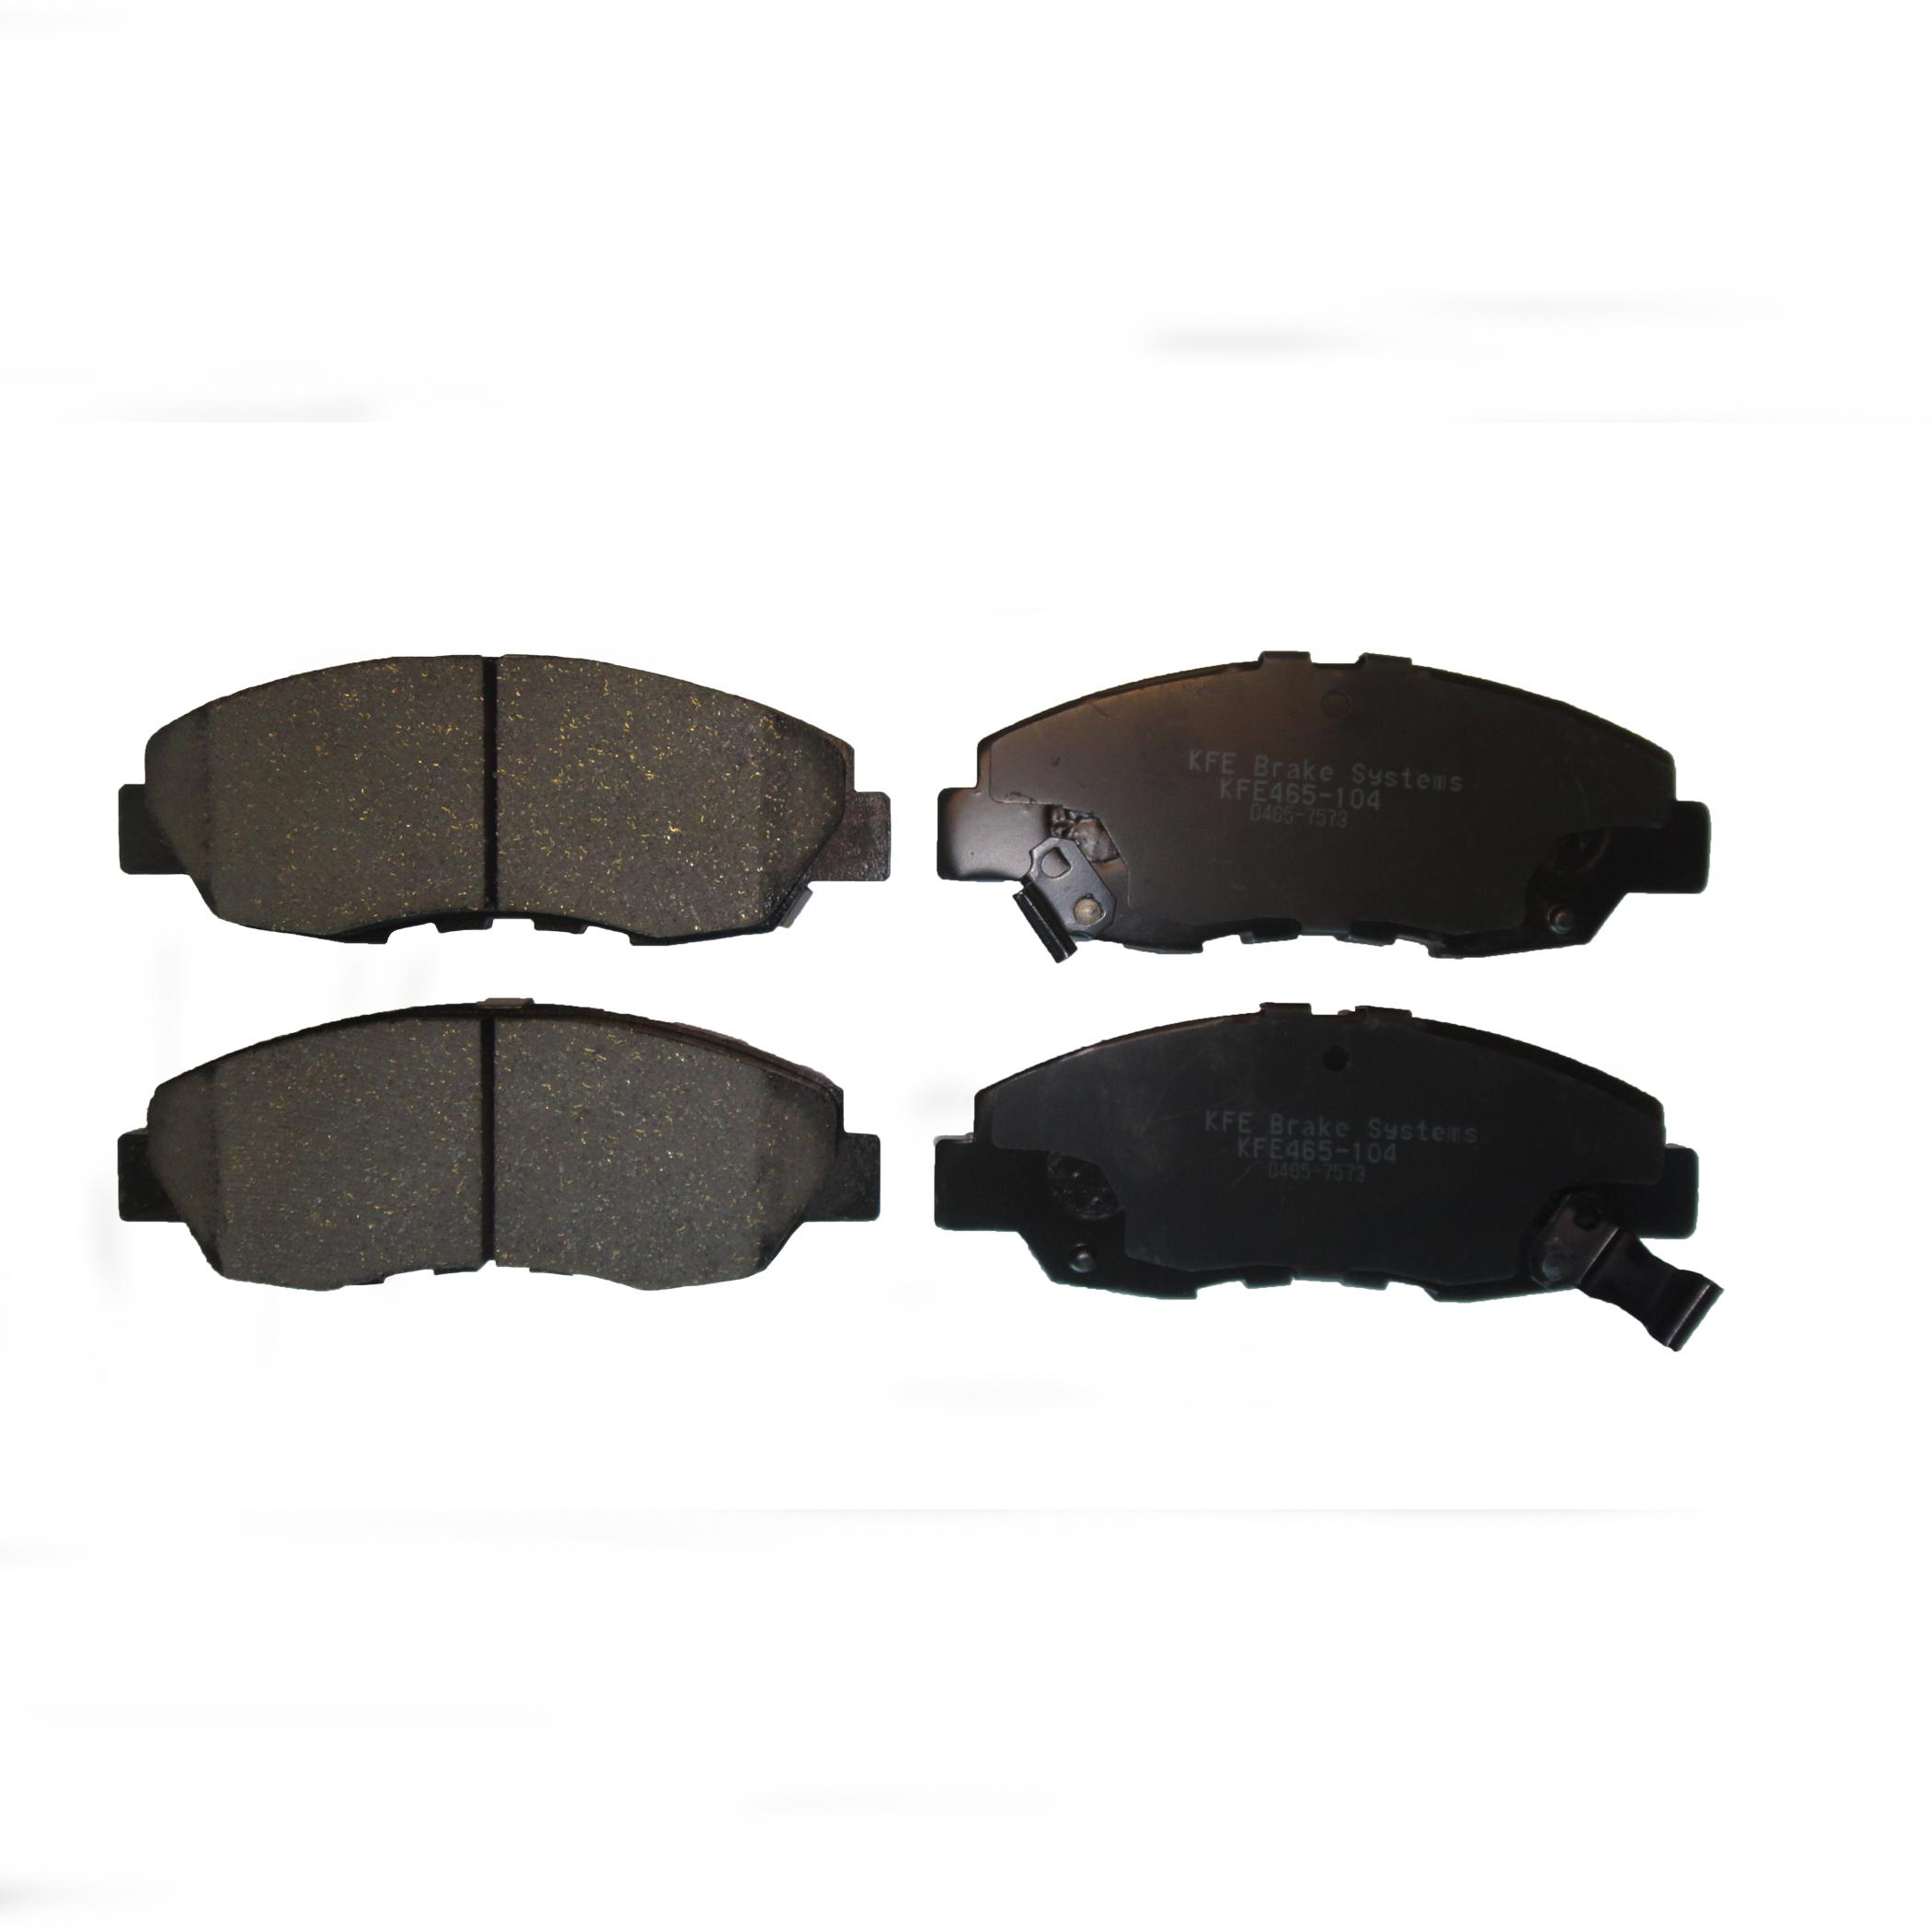 KFE465-104 Ultra Quiet Advanced Brake Pad